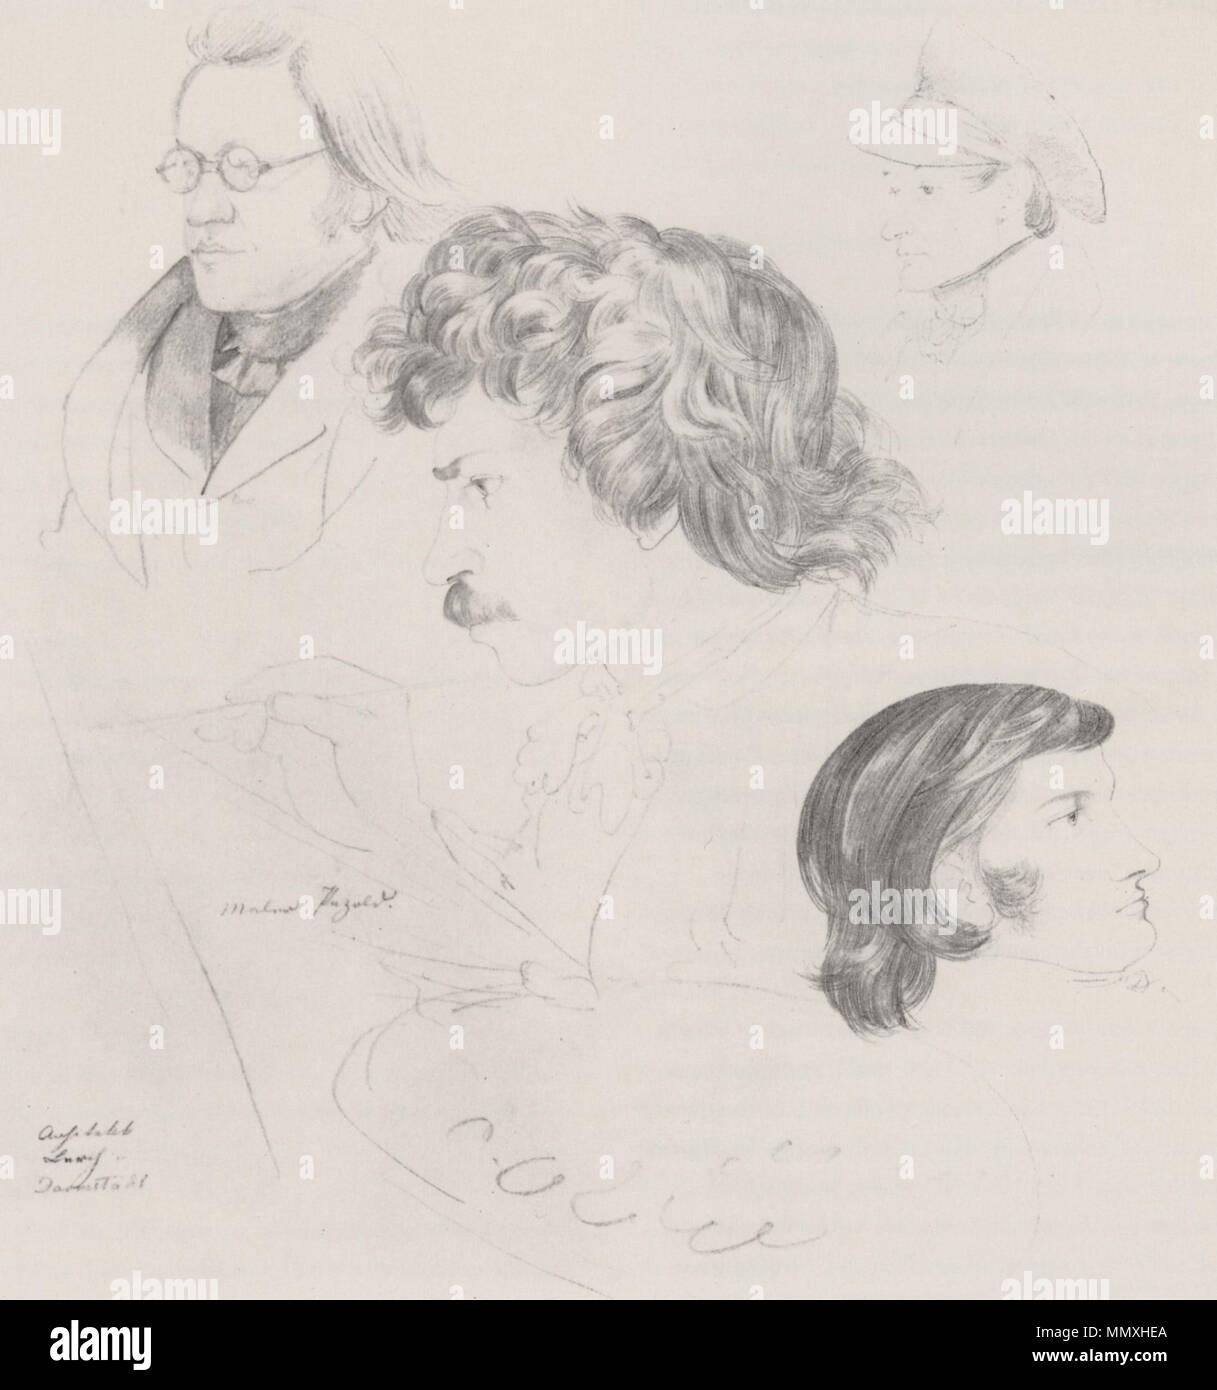 Fohr, Carl Philipp- Porträts von Ernst Gotthilf Bosse (Links), August Georg Wilhelm Pezold (Mitte), Johann Lebrecht Eggink (Rechts Oben) und Ernst Benjamin Salomo Raupach (Rechts Unten) - Stock Image